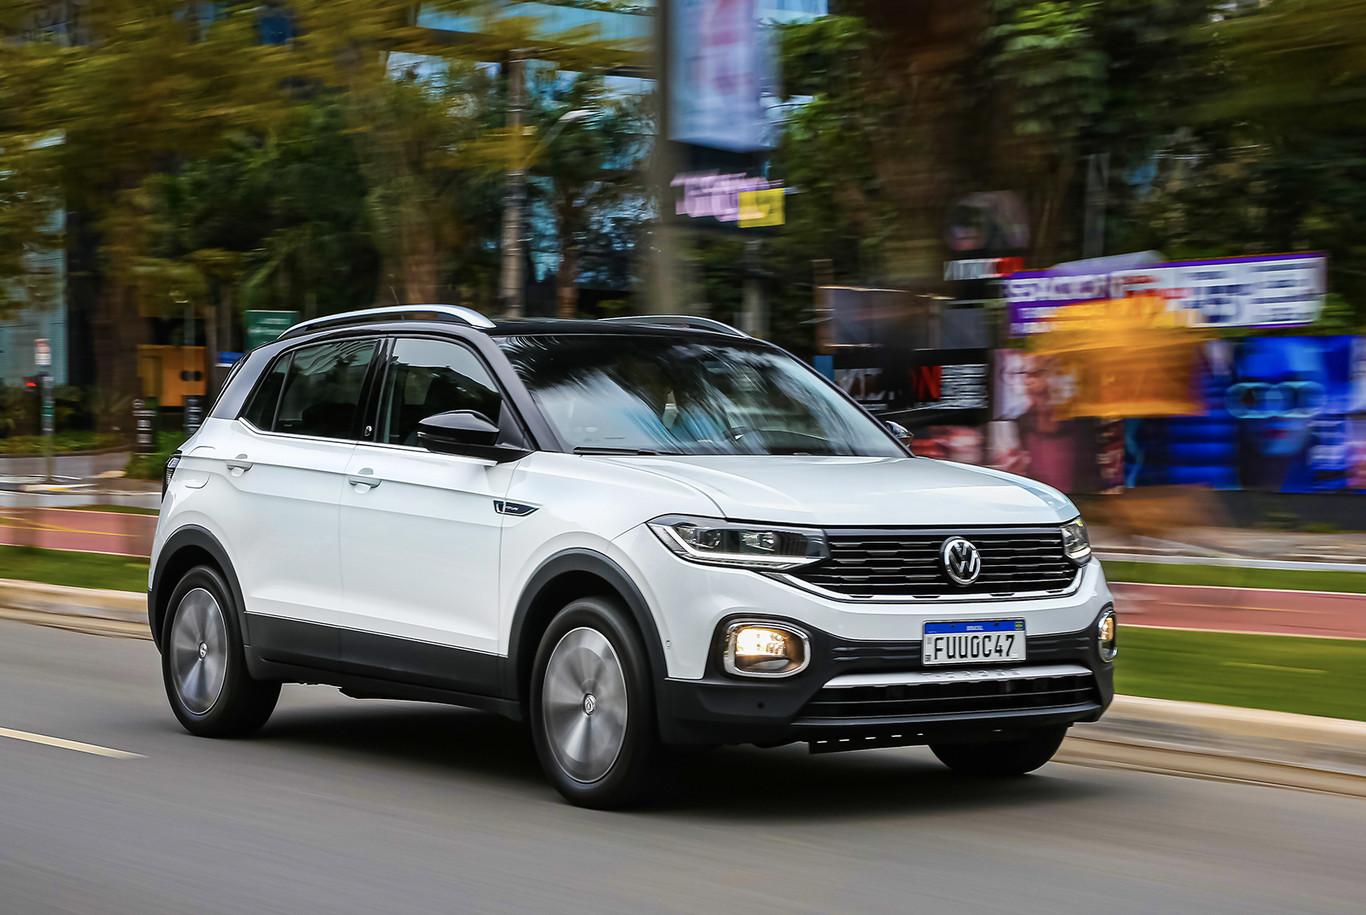 PROFECO alerta sobre fallas en unidades Volkswagen3